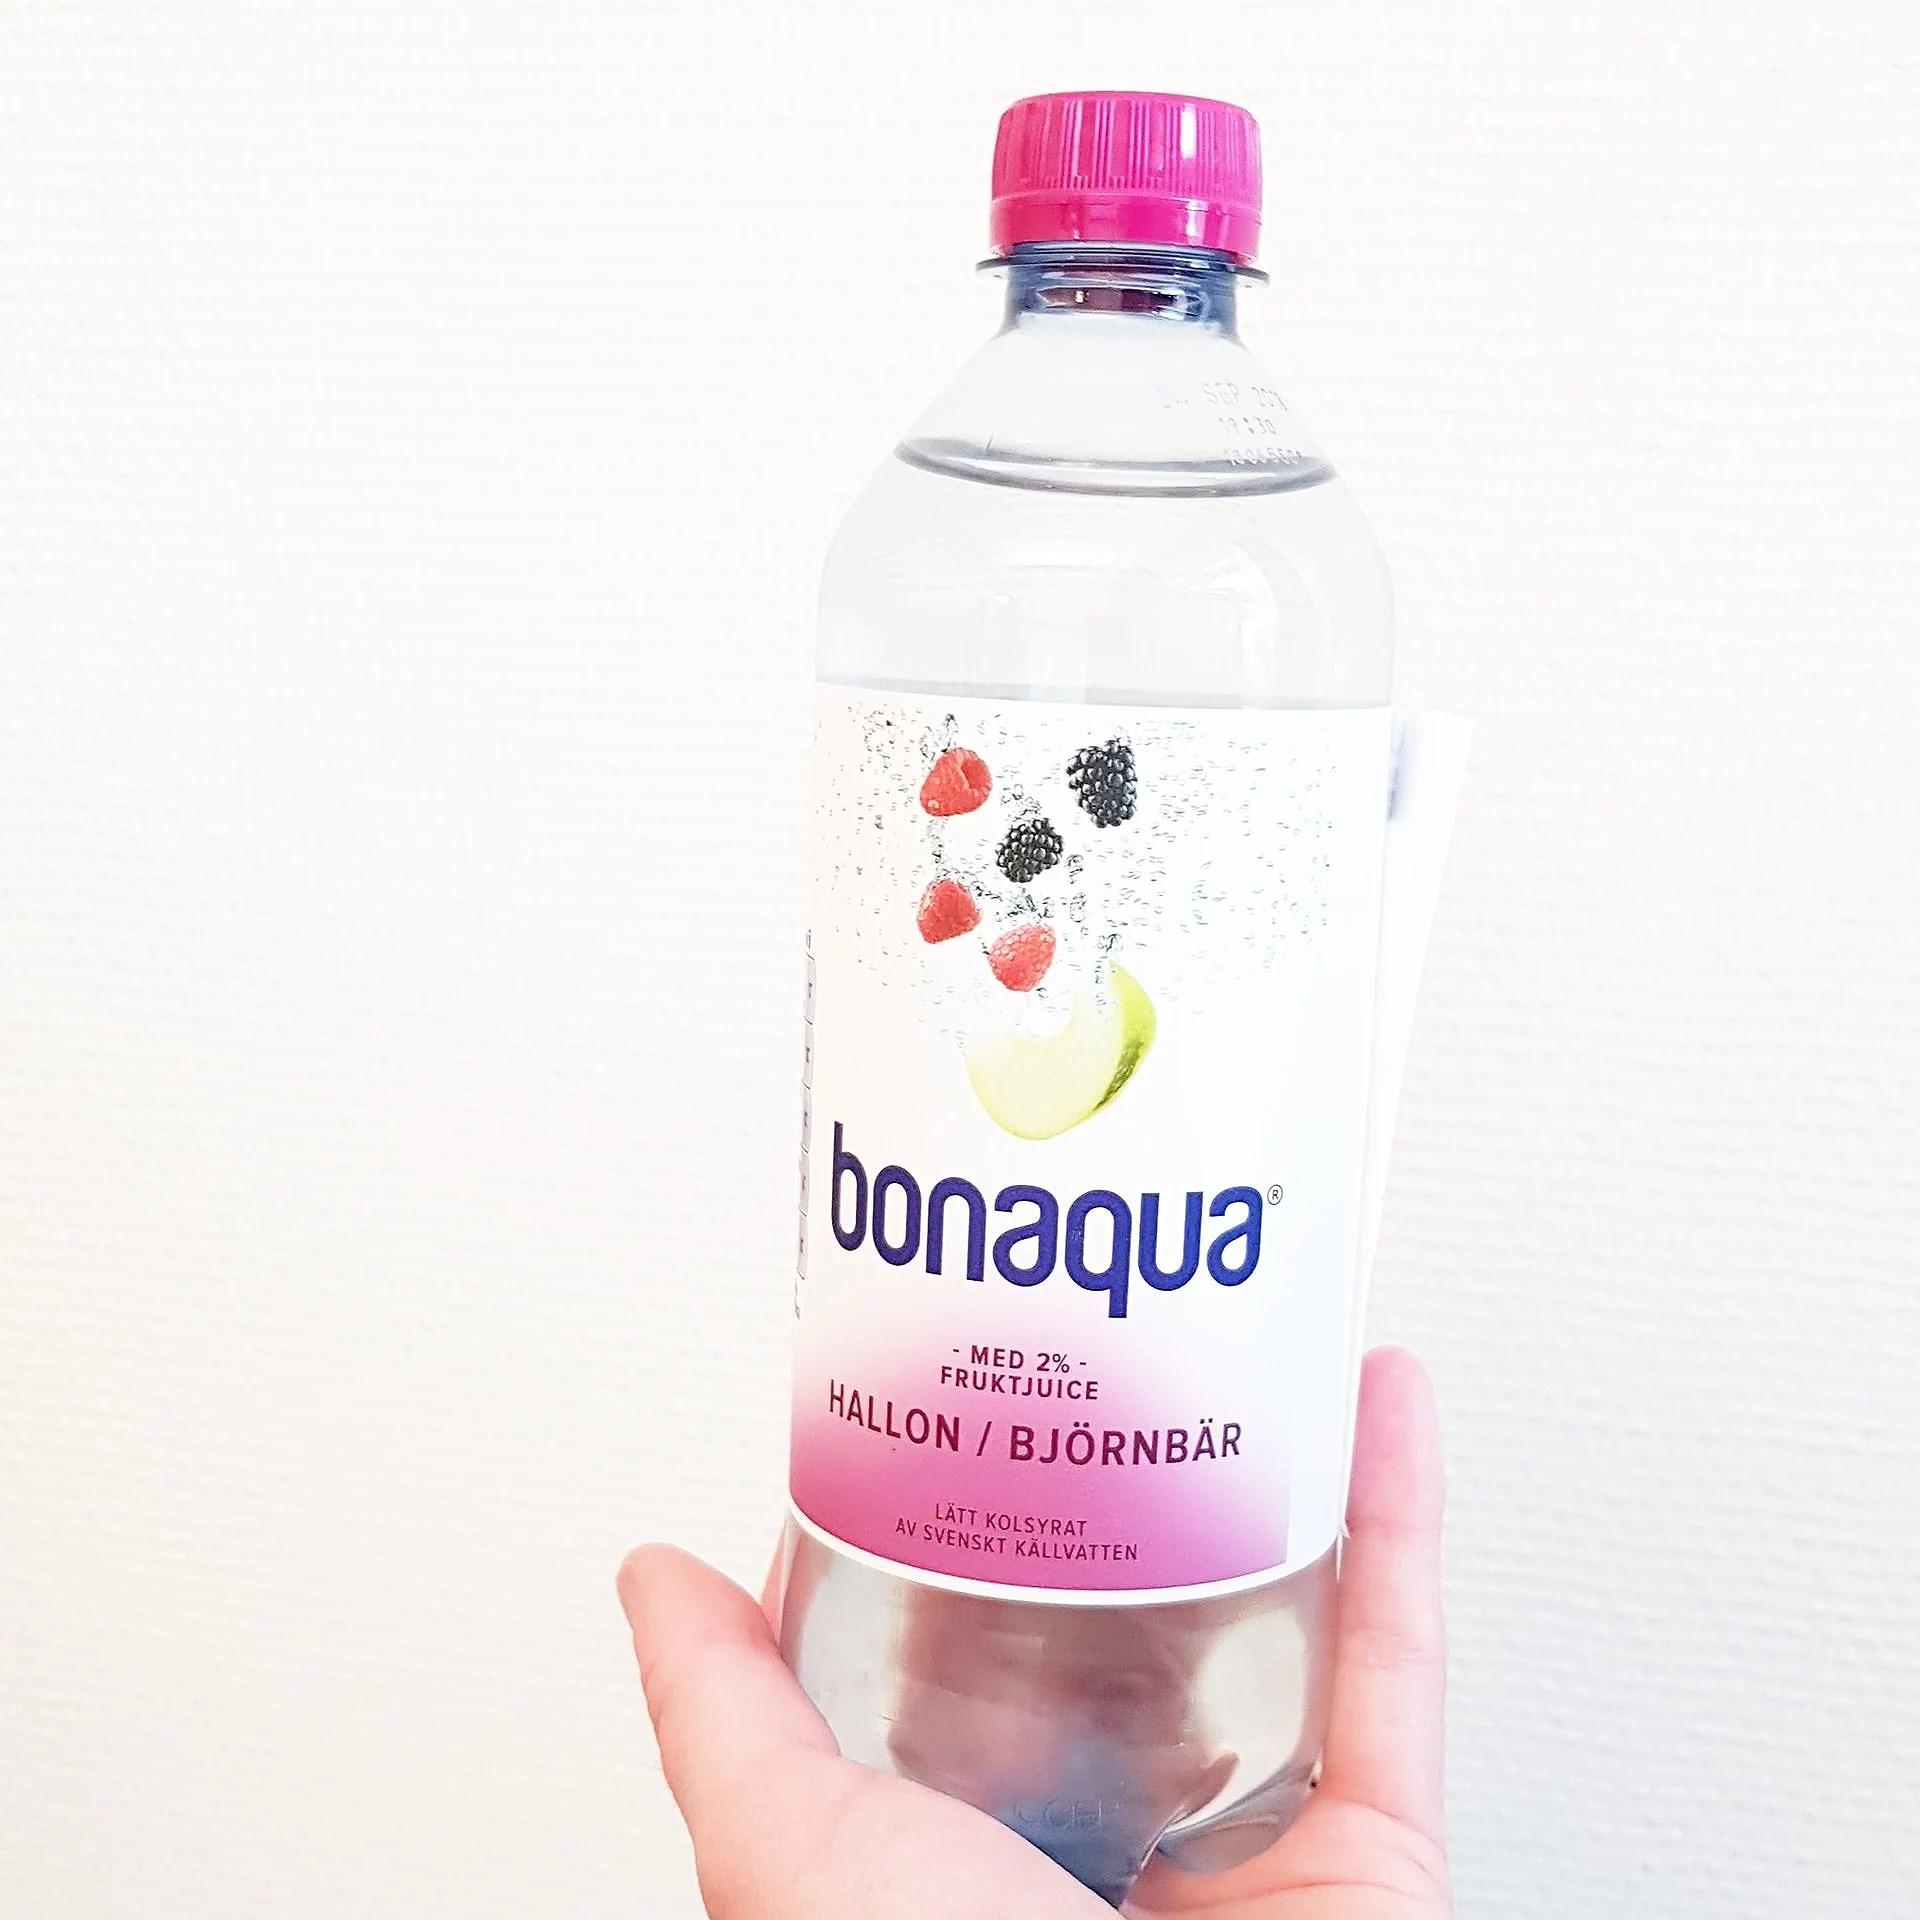 Bonaqua Hallon/Björnbär